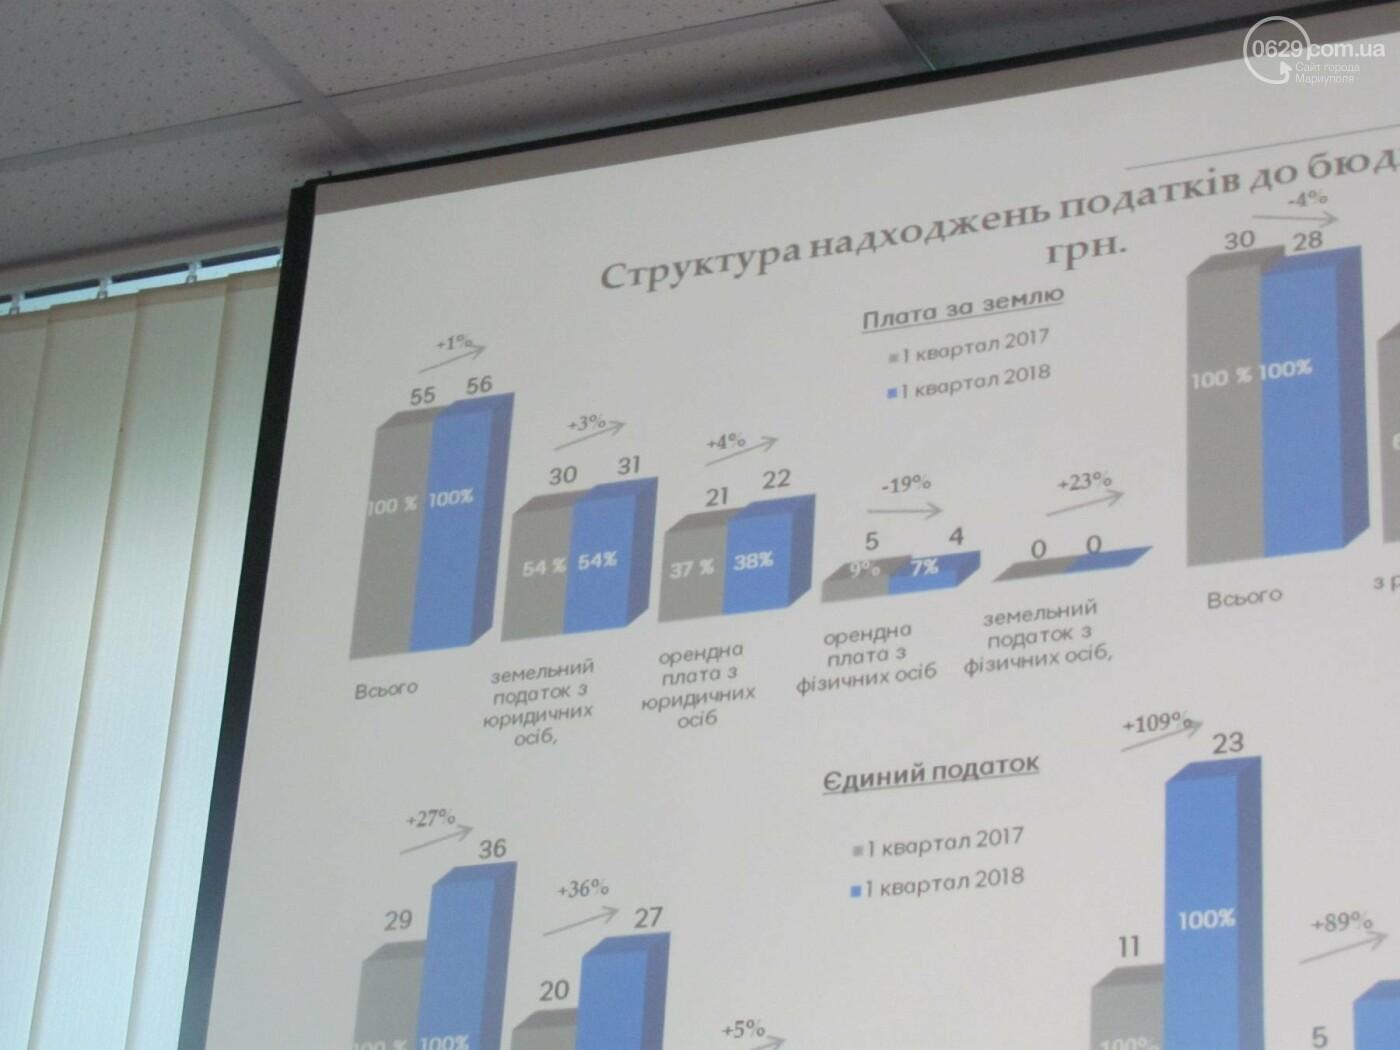 В Мариуполе отчитались об исполнении бюджета: всё идет по амбициозному плану, - ФОТО, фото-4